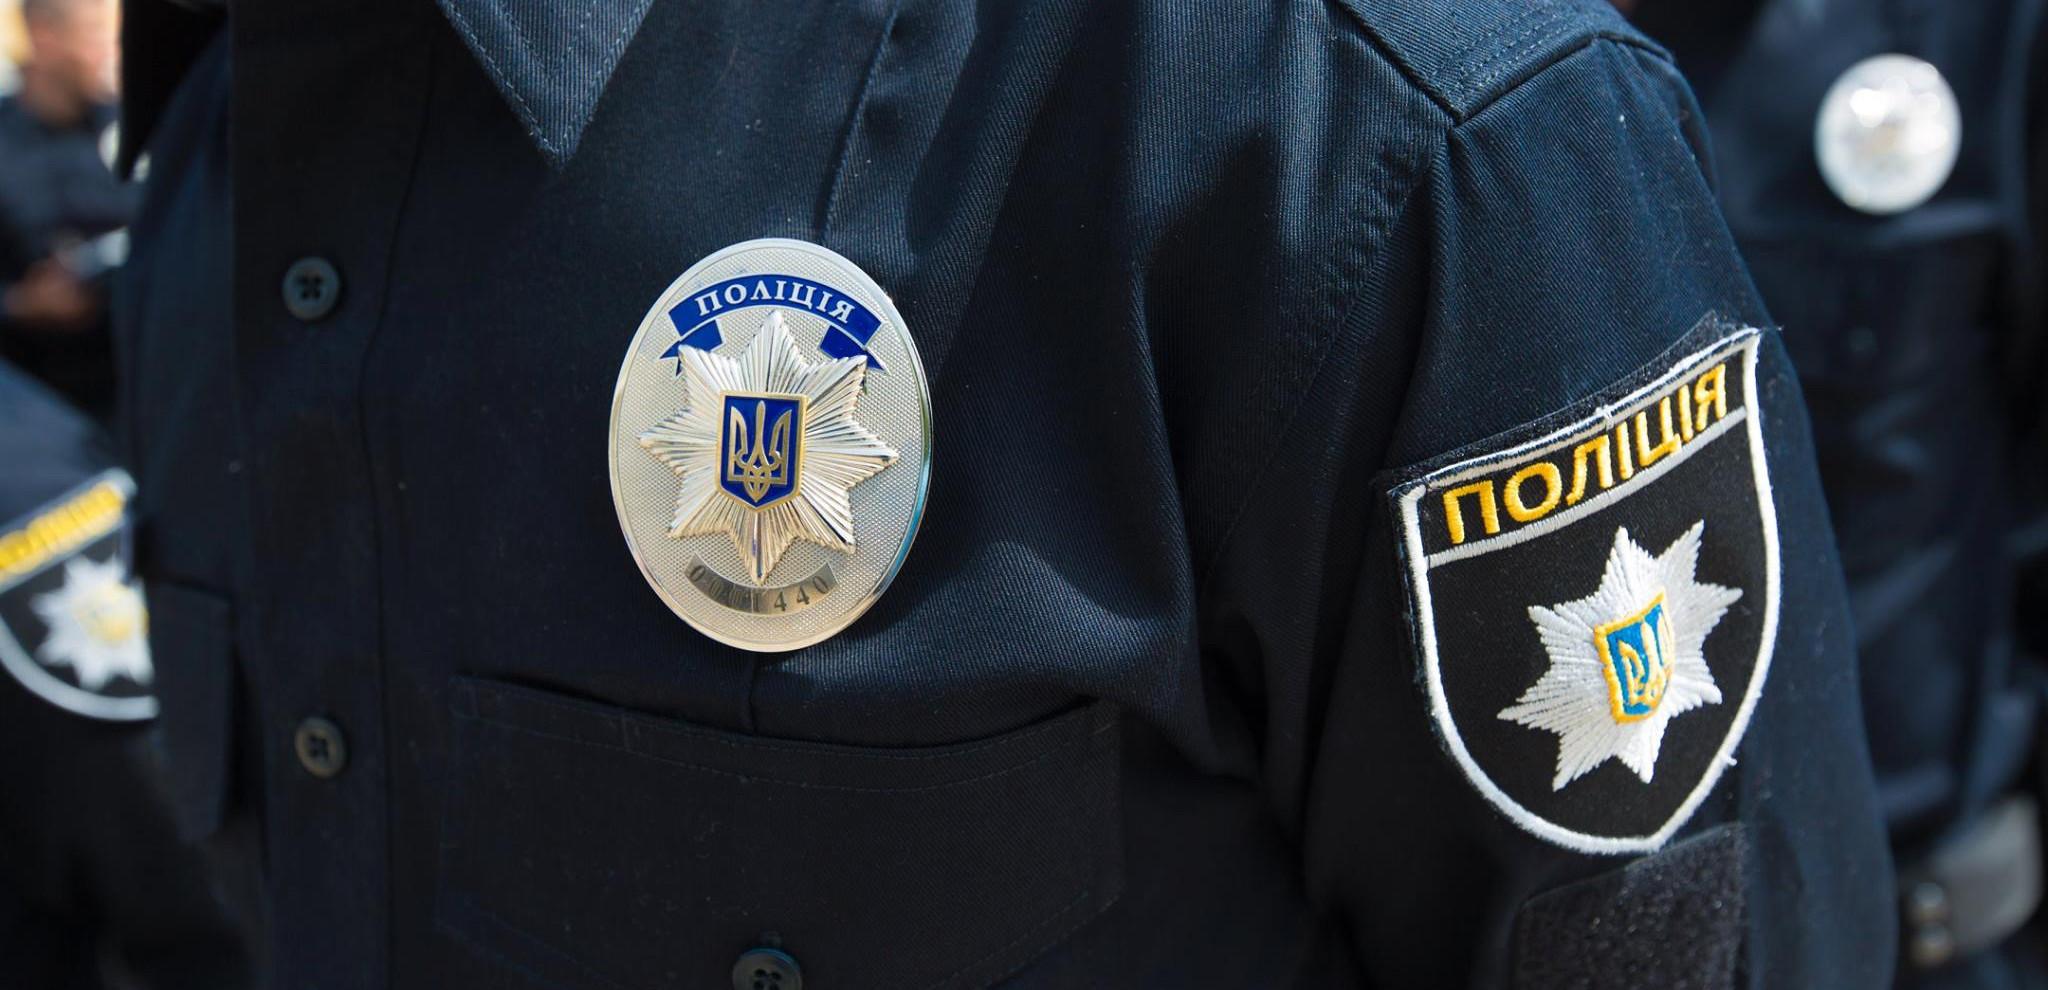 Збирався заявити про крадіжку гаманця: на Одещині у відділку поліції помер чоловік